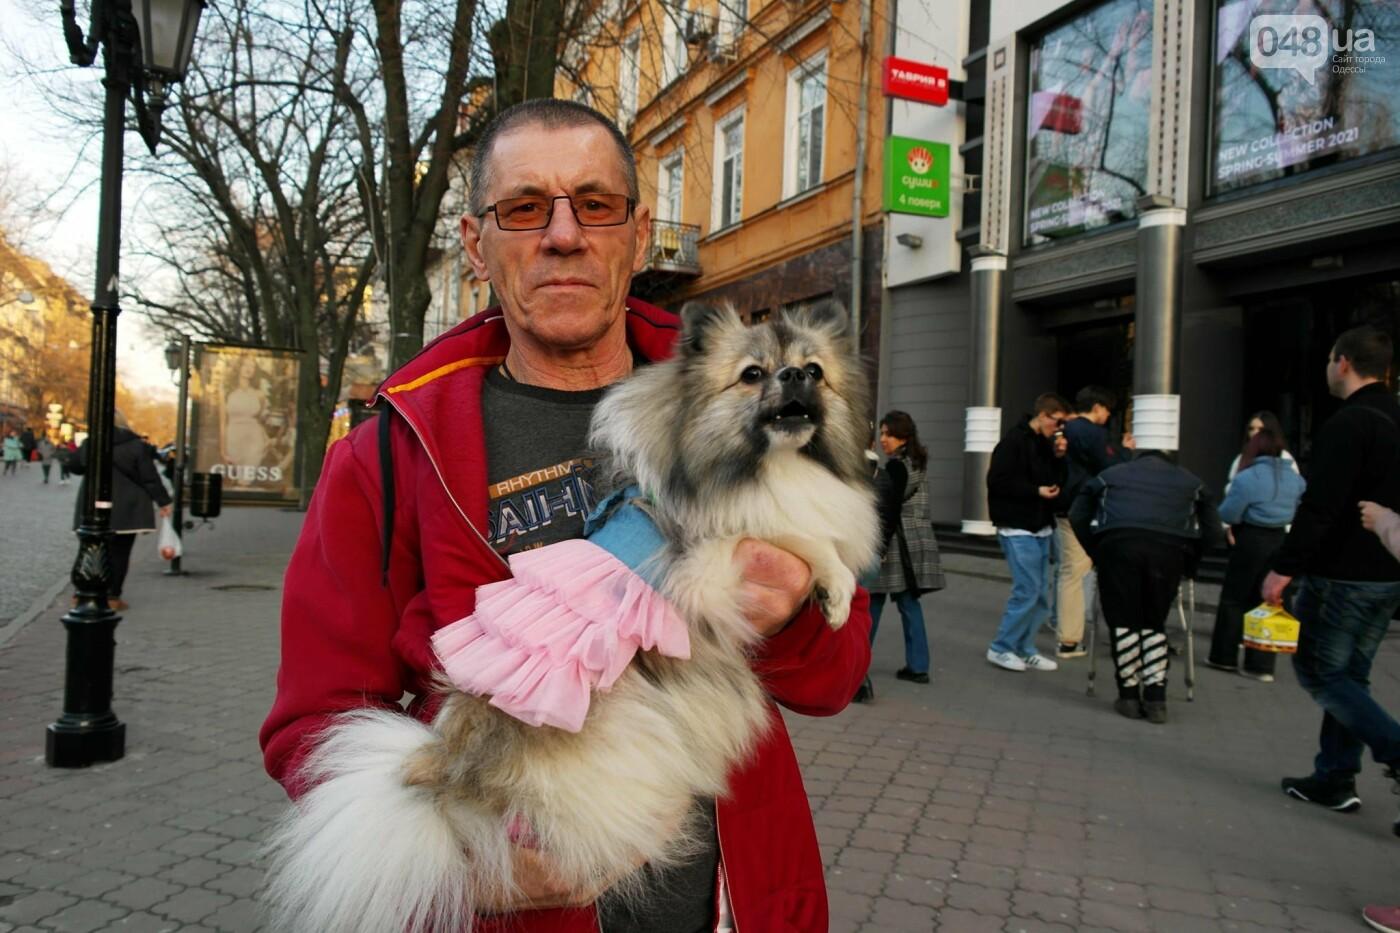 Маски без масок: 1 апреля в Одессе было весело, несмотря на карантин,- ФОТОРЕПОРТАЖ, фото-26